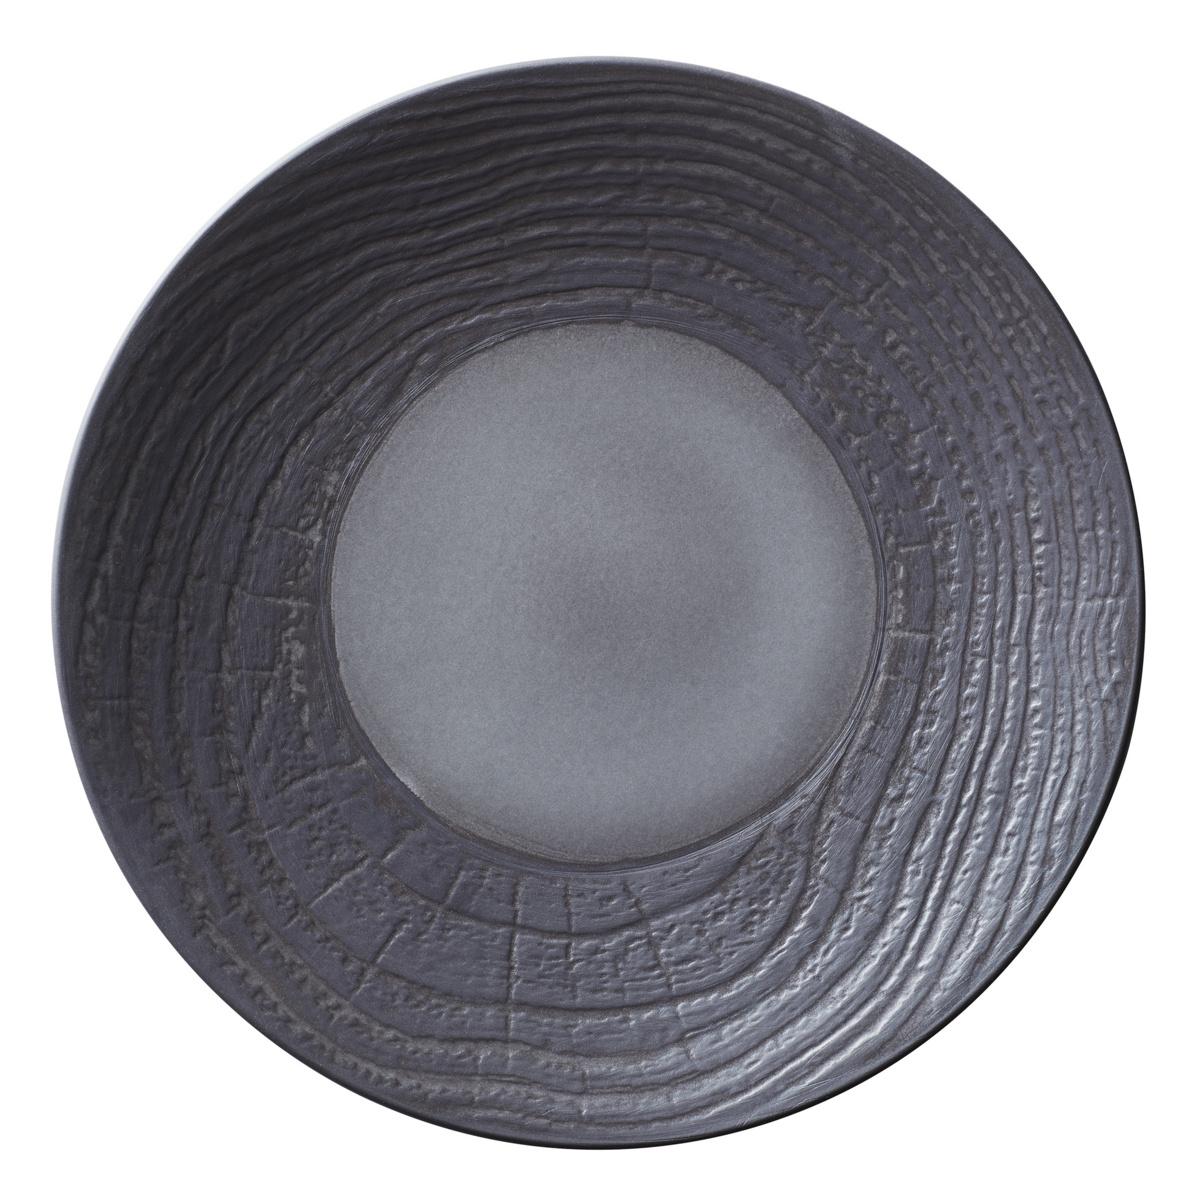 Assiette coupe plate ronde réglisse porcelaine Ø 31 cm Arborescence Revol